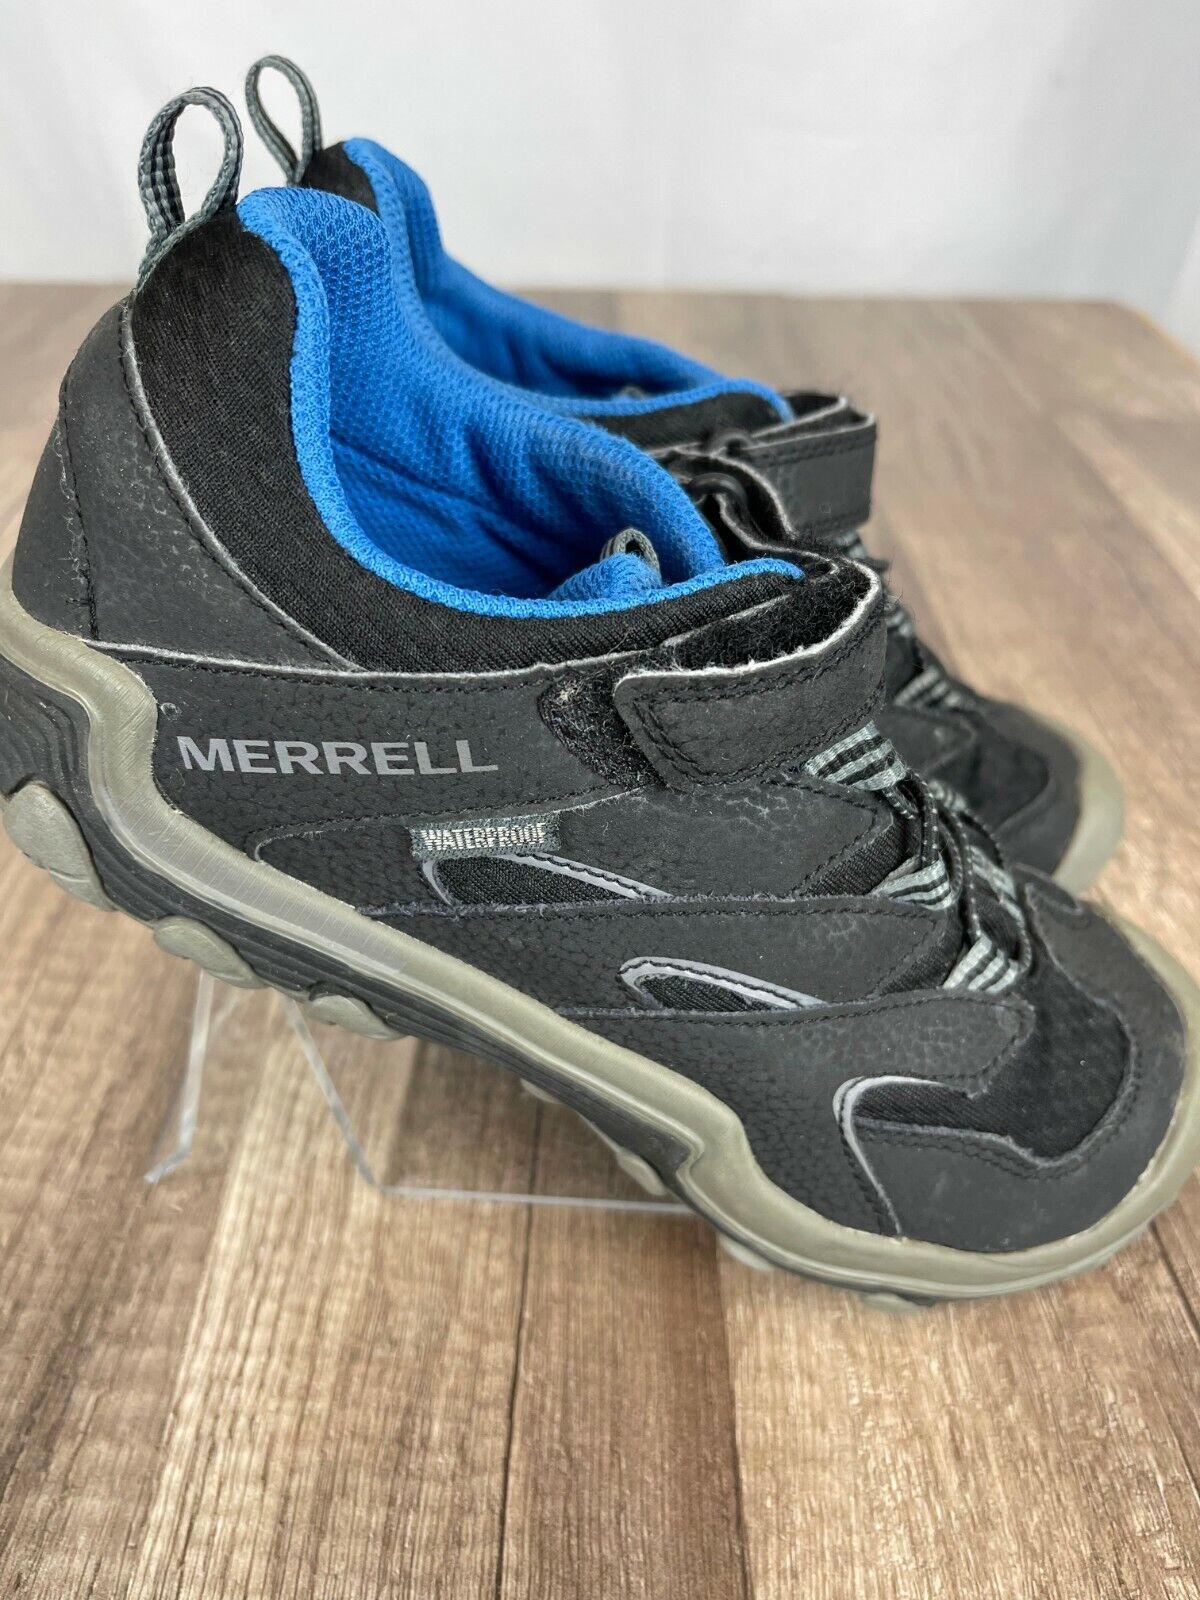 Merrell M-Moab Waterproof Women's Hiking Sneakers Size 4.5